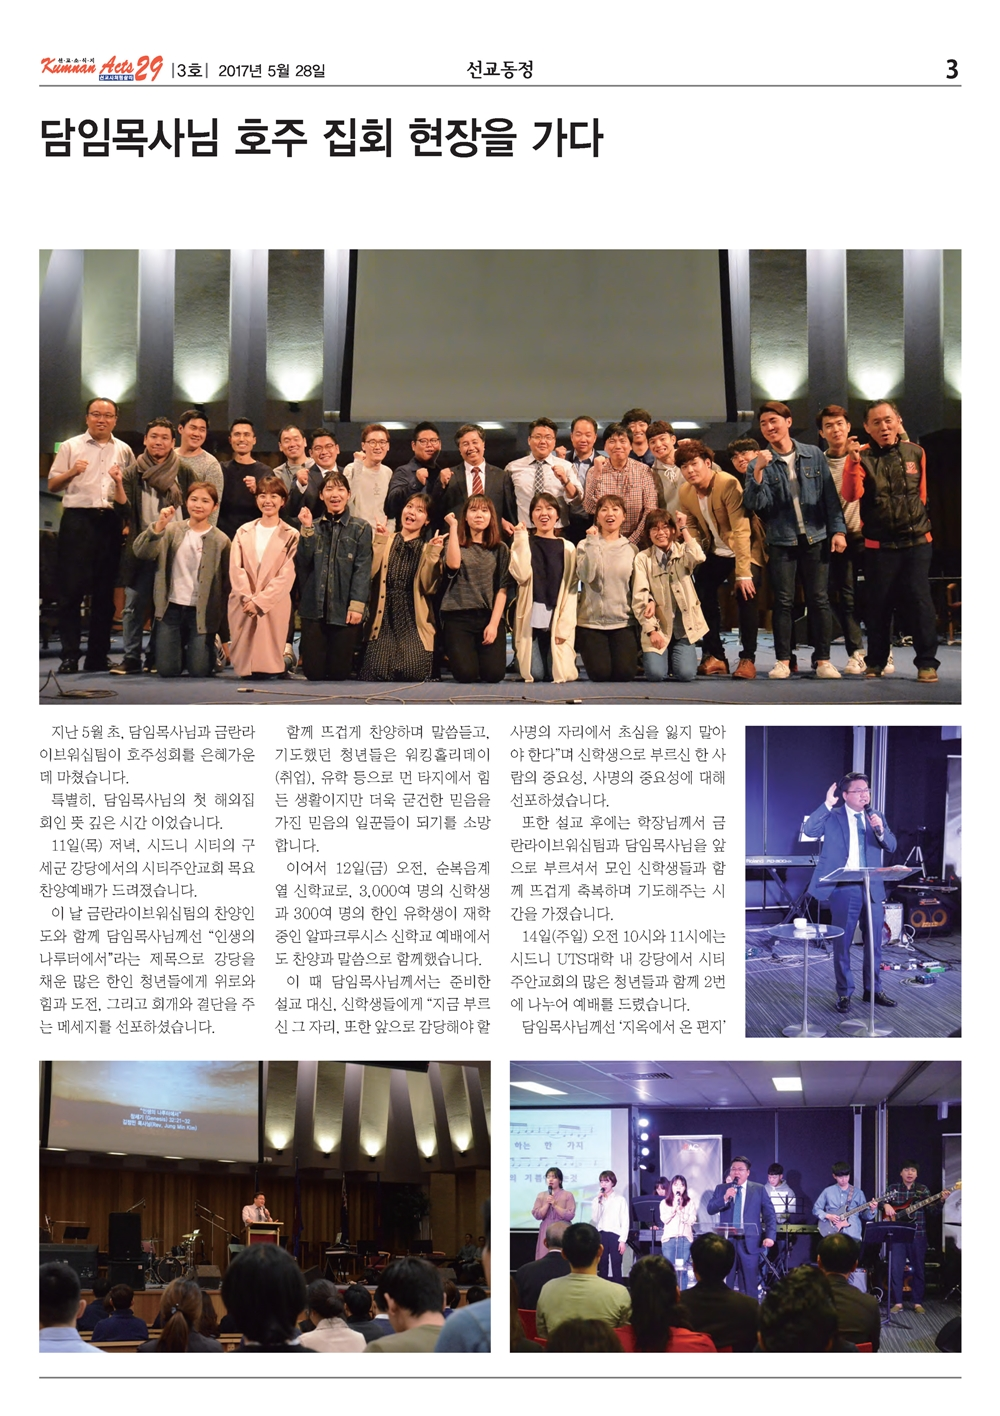 금란선교소식지 3월호_Page_03.jpg